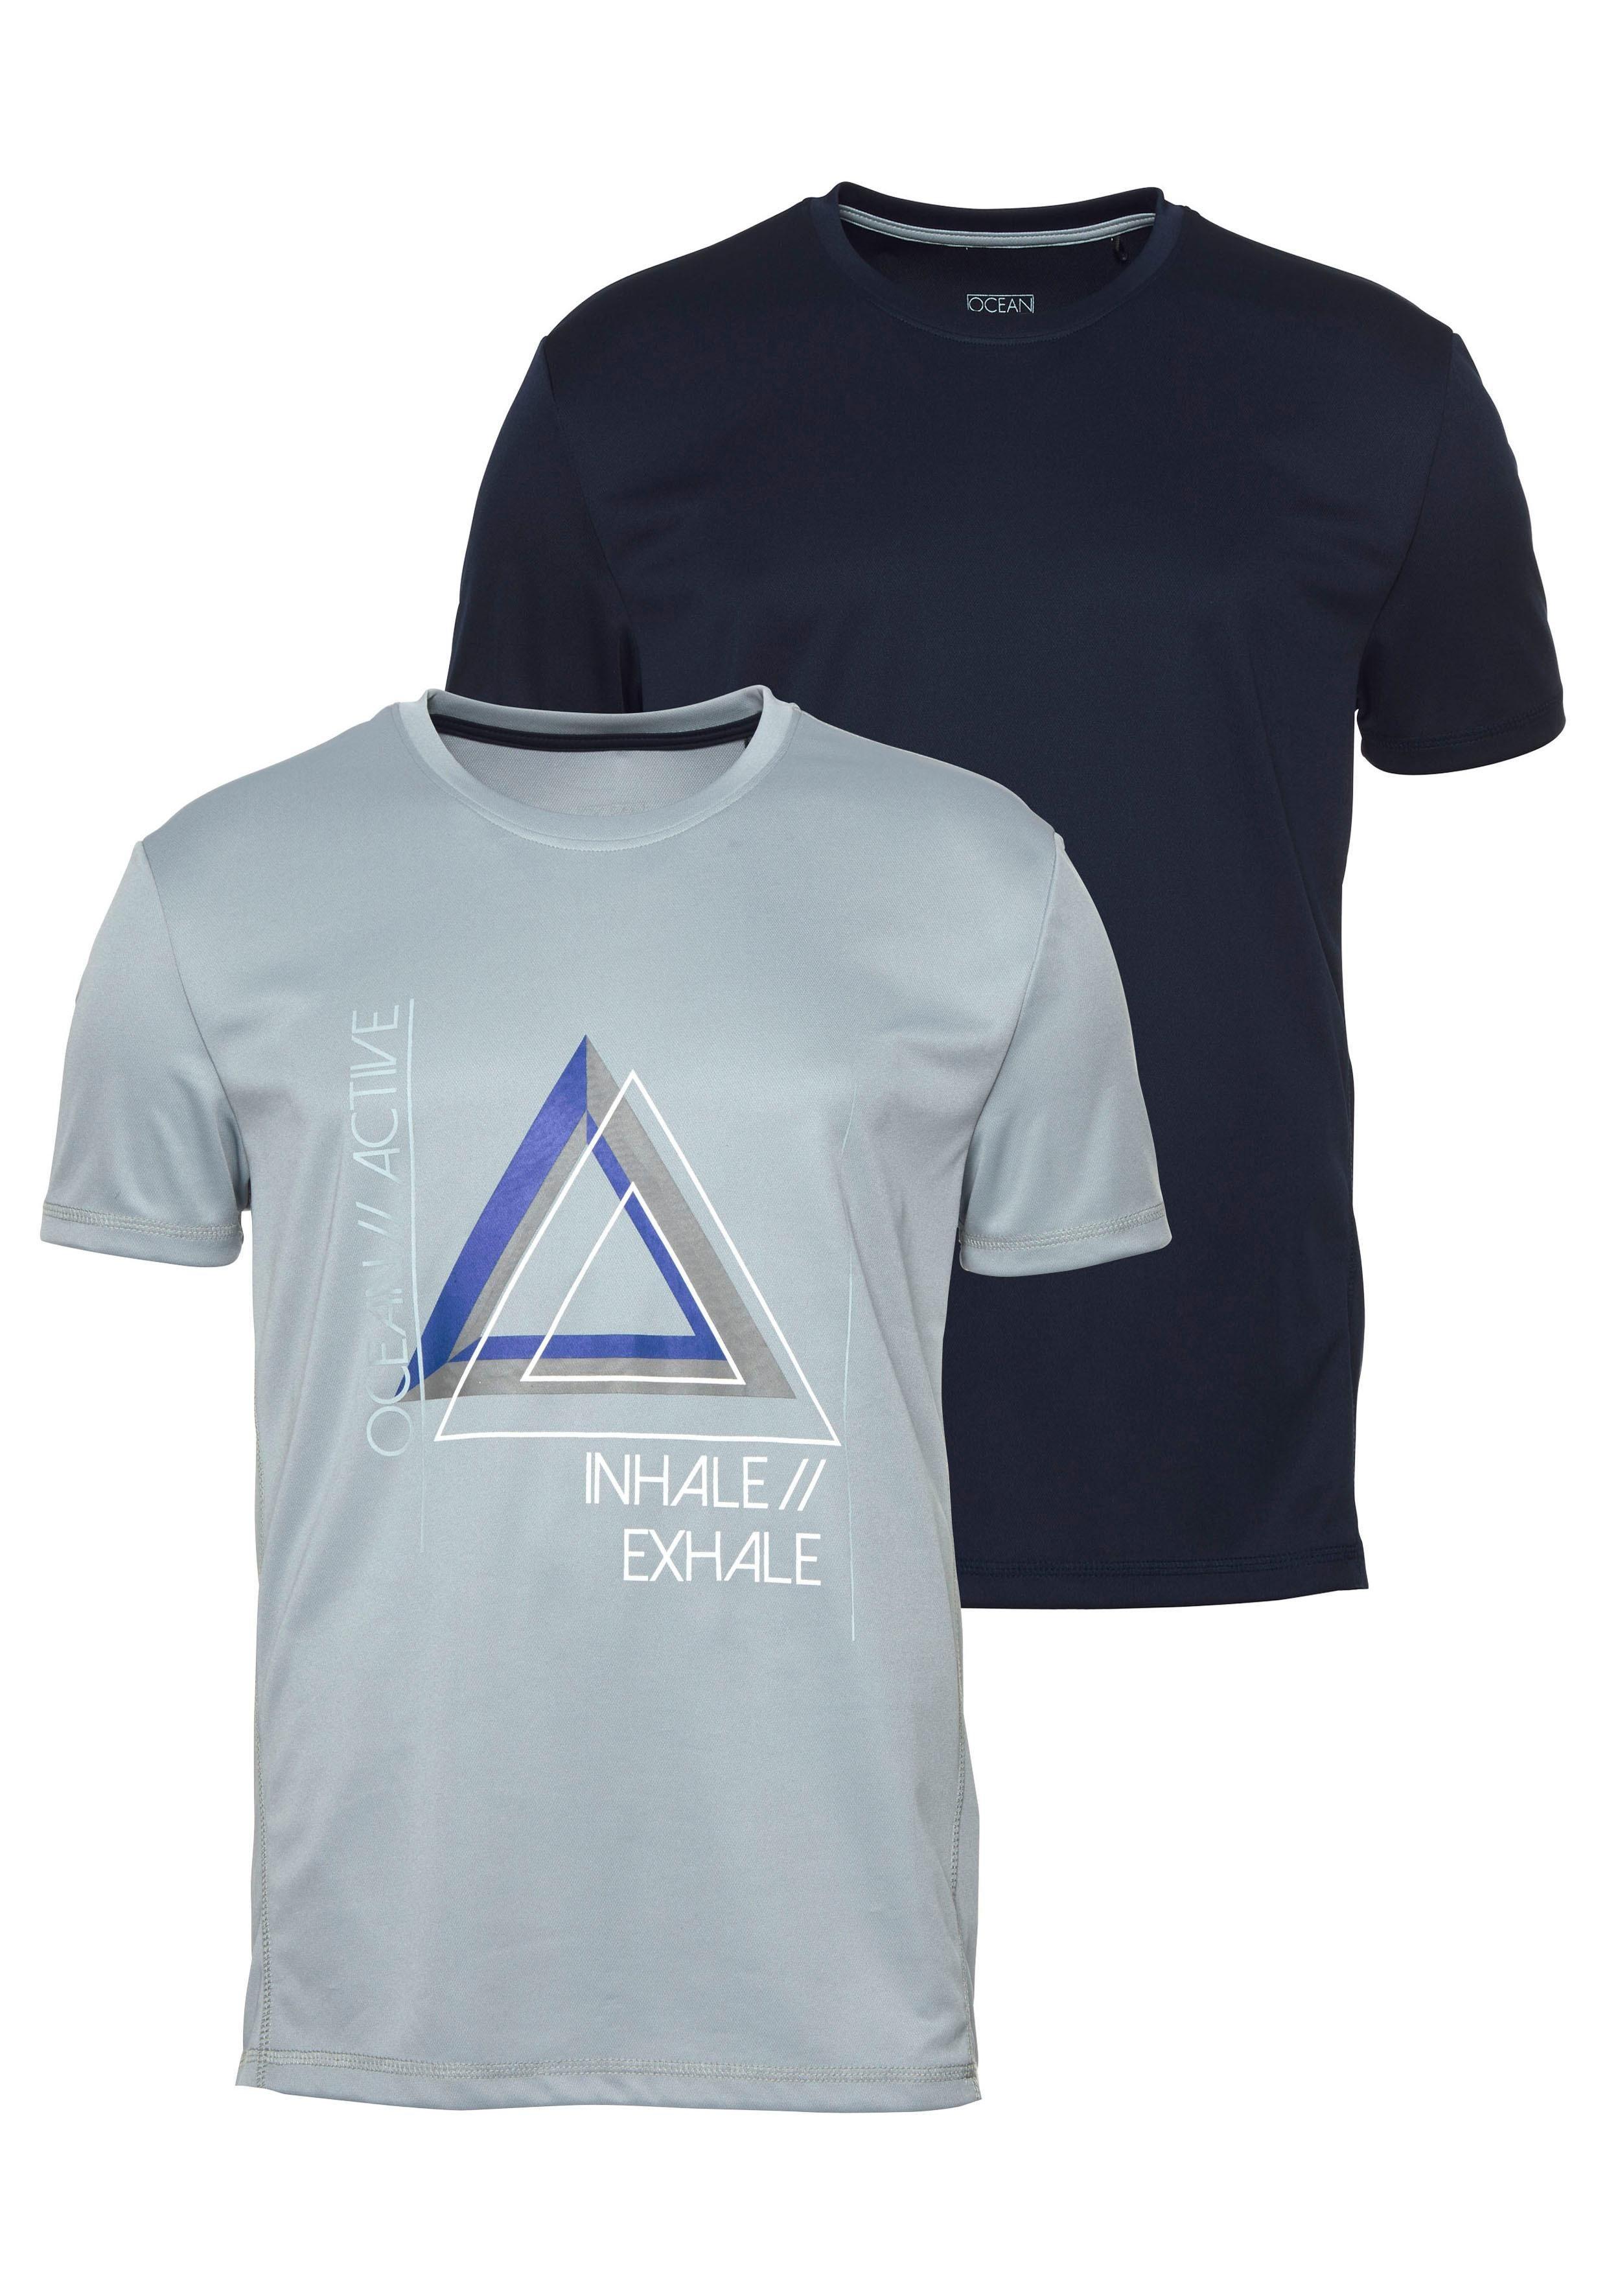 Ocean Sportswear Funktionsshirt (Spar-Set, 2er-Pack) | Sportbekleidung > Sportshirts > Funktionsshirts | Ocean Sportswear